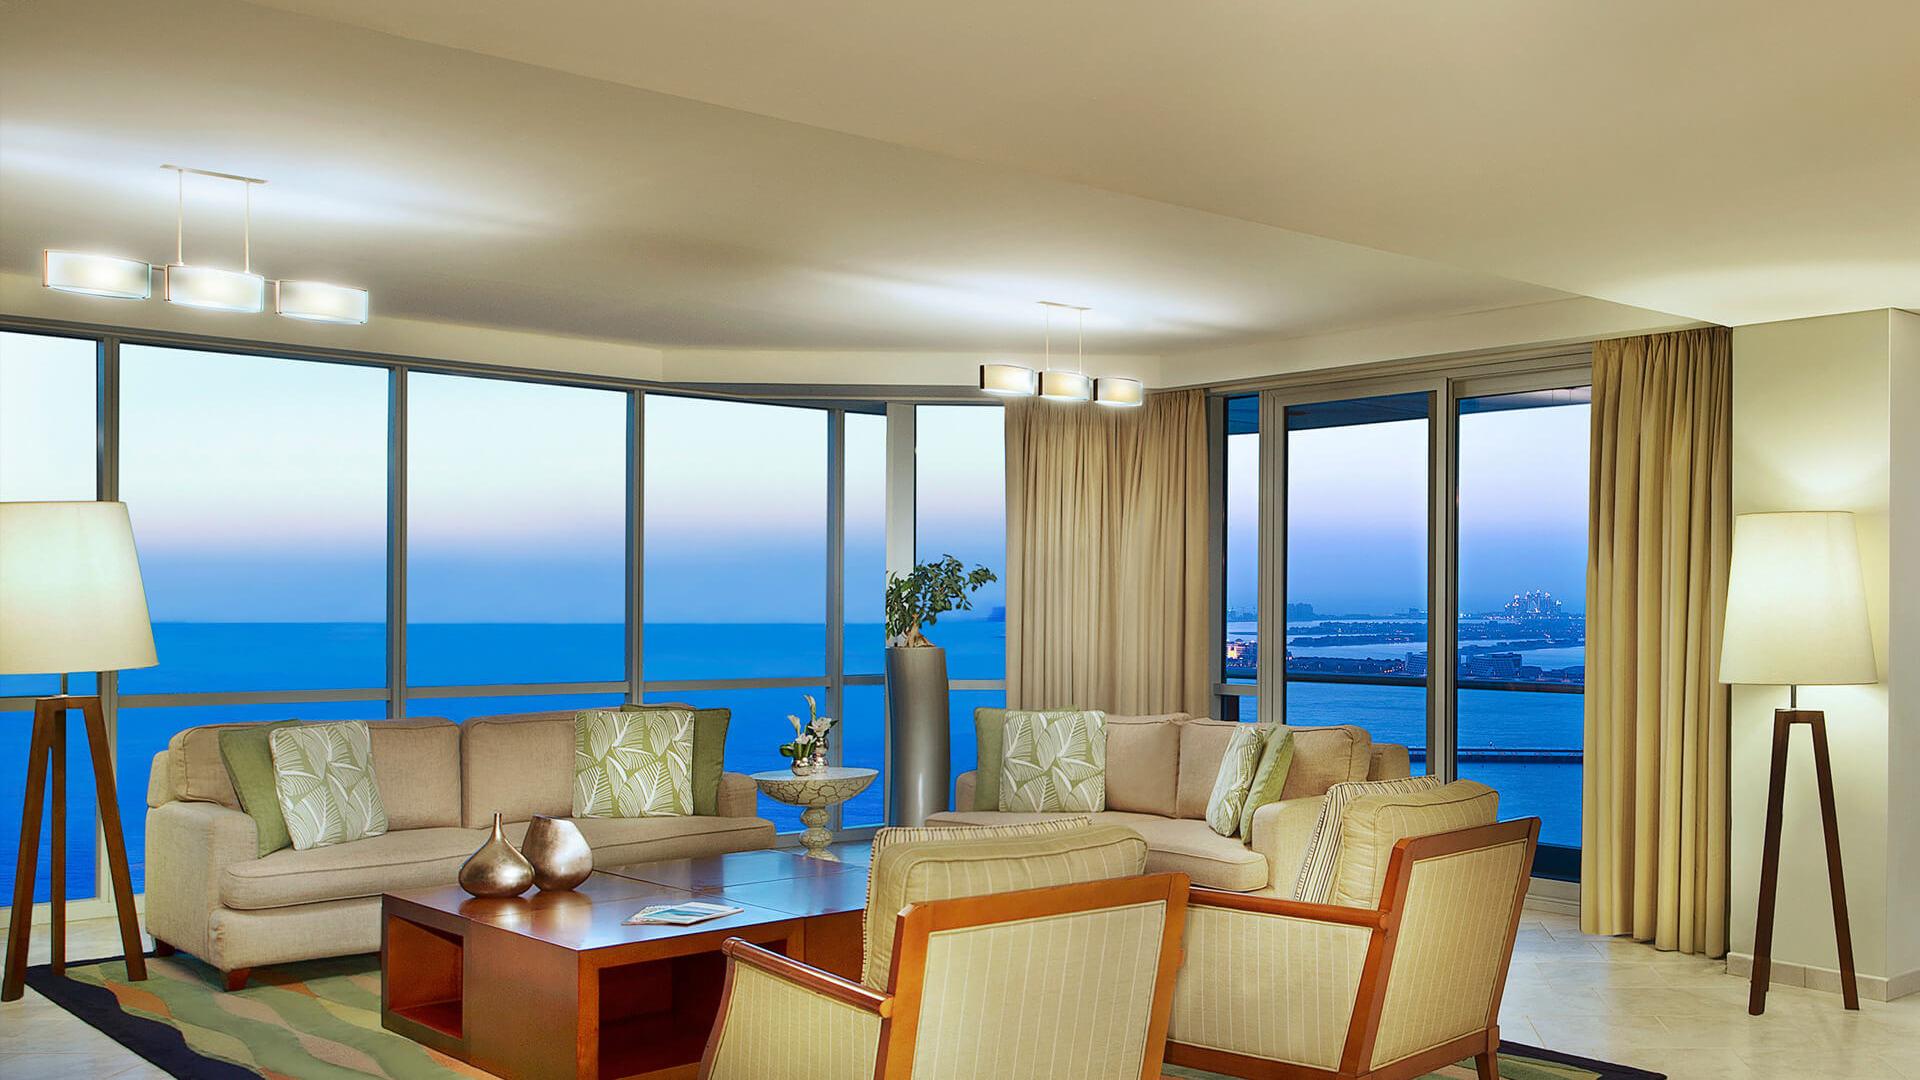 Apartment for sale in Dubai, UAE, 1 bedroom, 67 m2, No. 23874 – photo 1